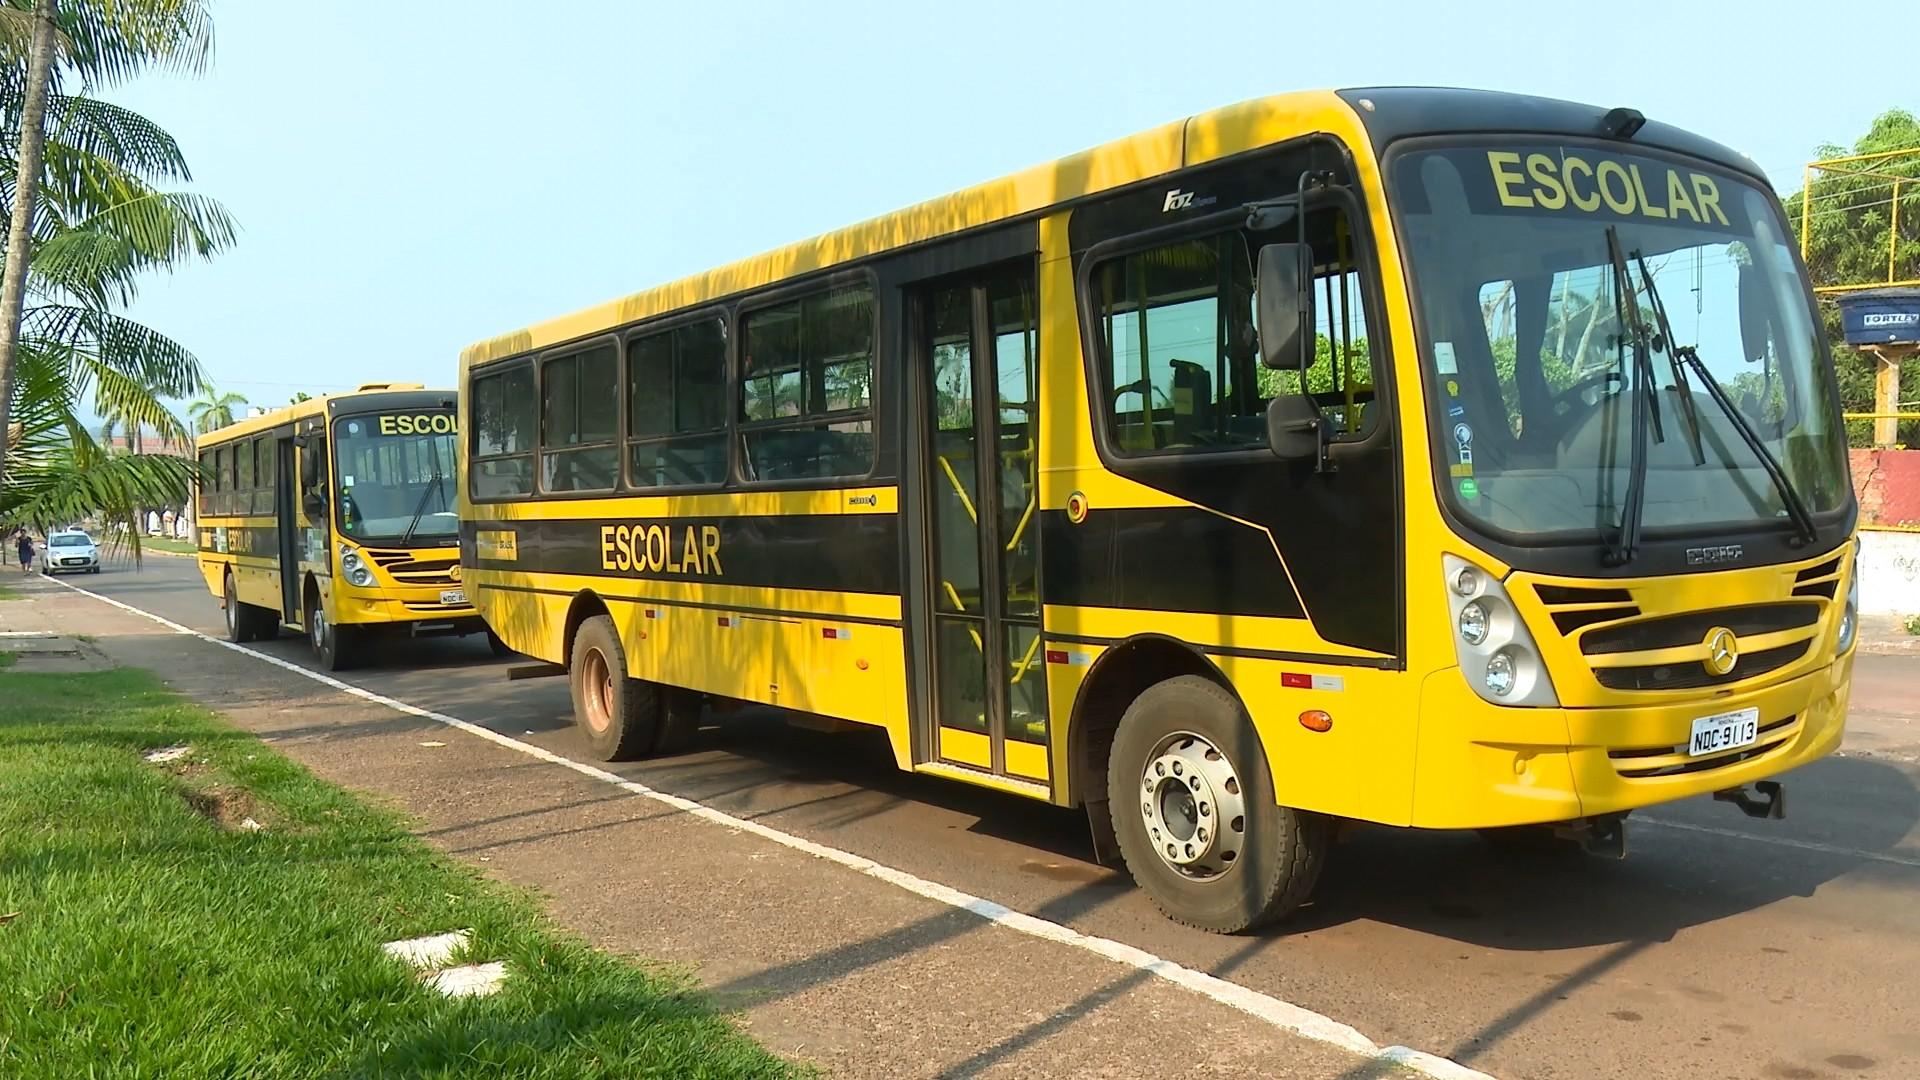 Falta de transporte escolar deixa estudantes sem aula em Aquidabã - Noticias